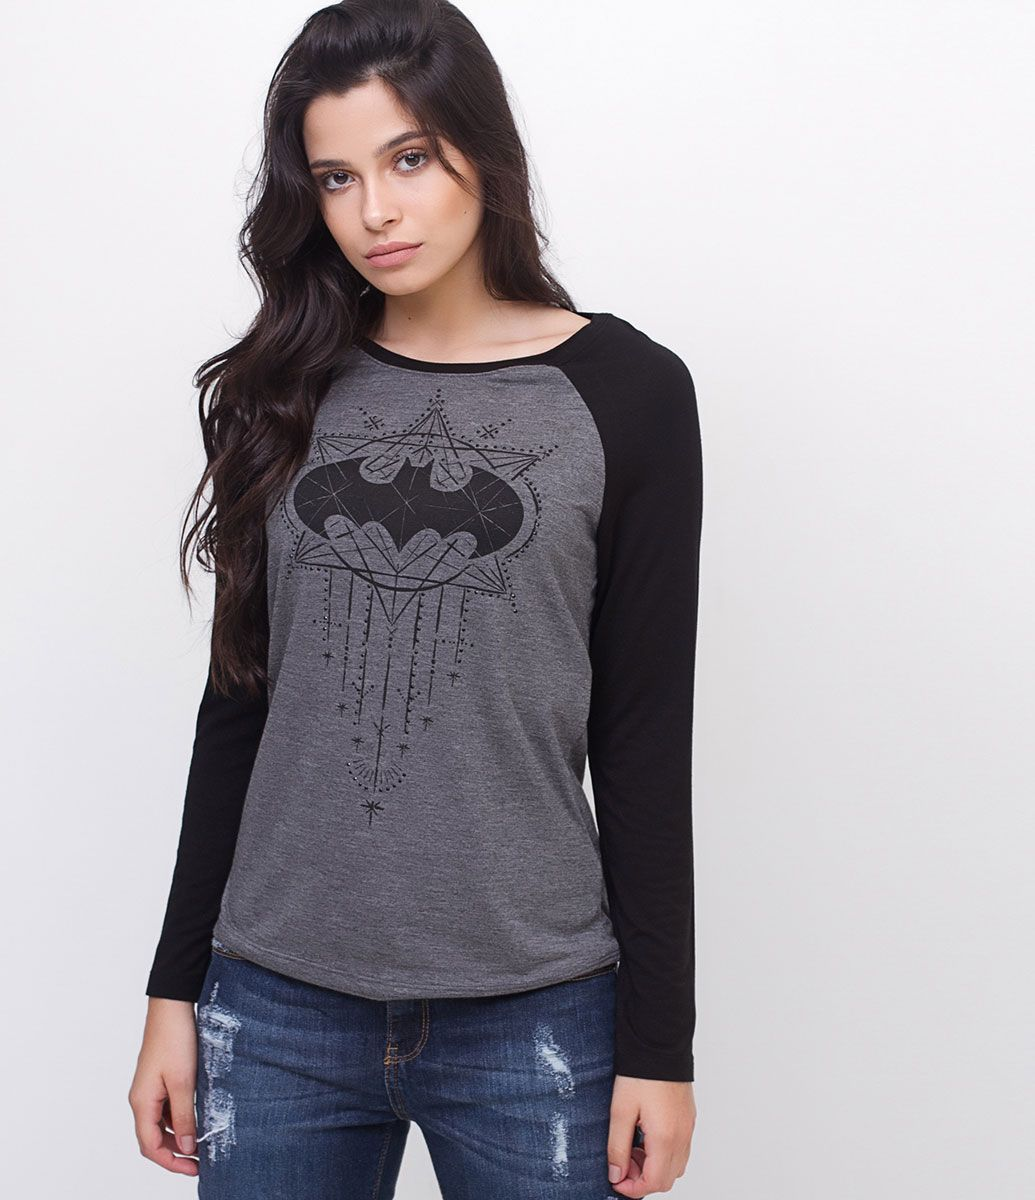 Blusa feminina Manga longa raglan Com estampa Batman Com brilho Marca  DC  Comics Tecido  viscose Modelo veste tamanho  P Medidas da Modelo  Altura  1 1c699a274d853